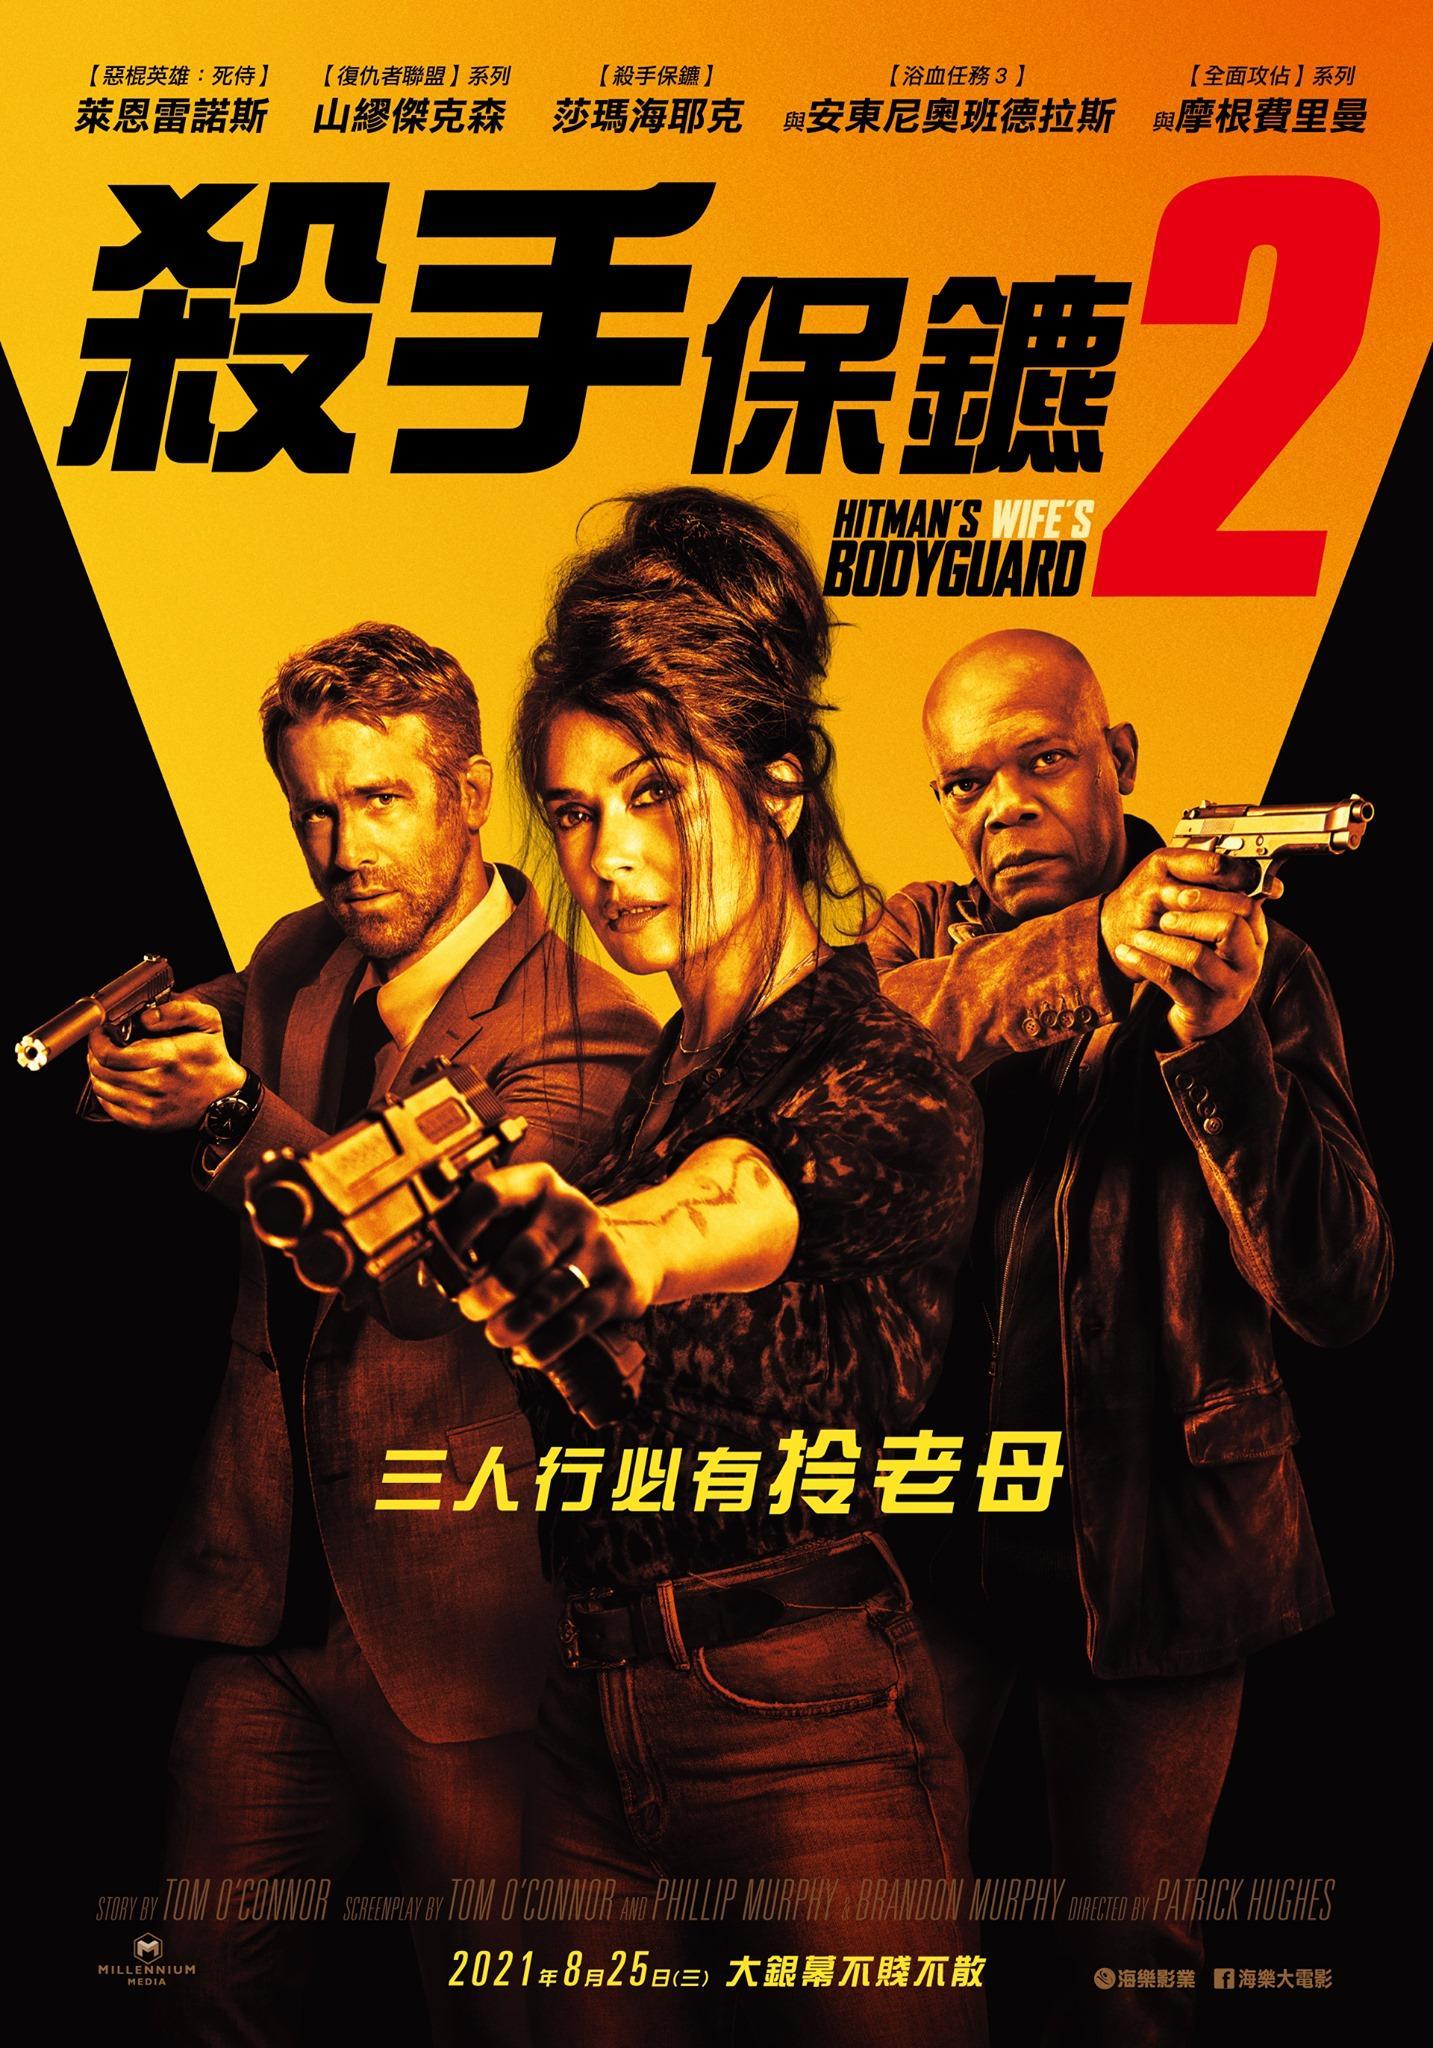 [繁中]殺手保鑣2(1080P-加長版)上映日期:2021-08-25